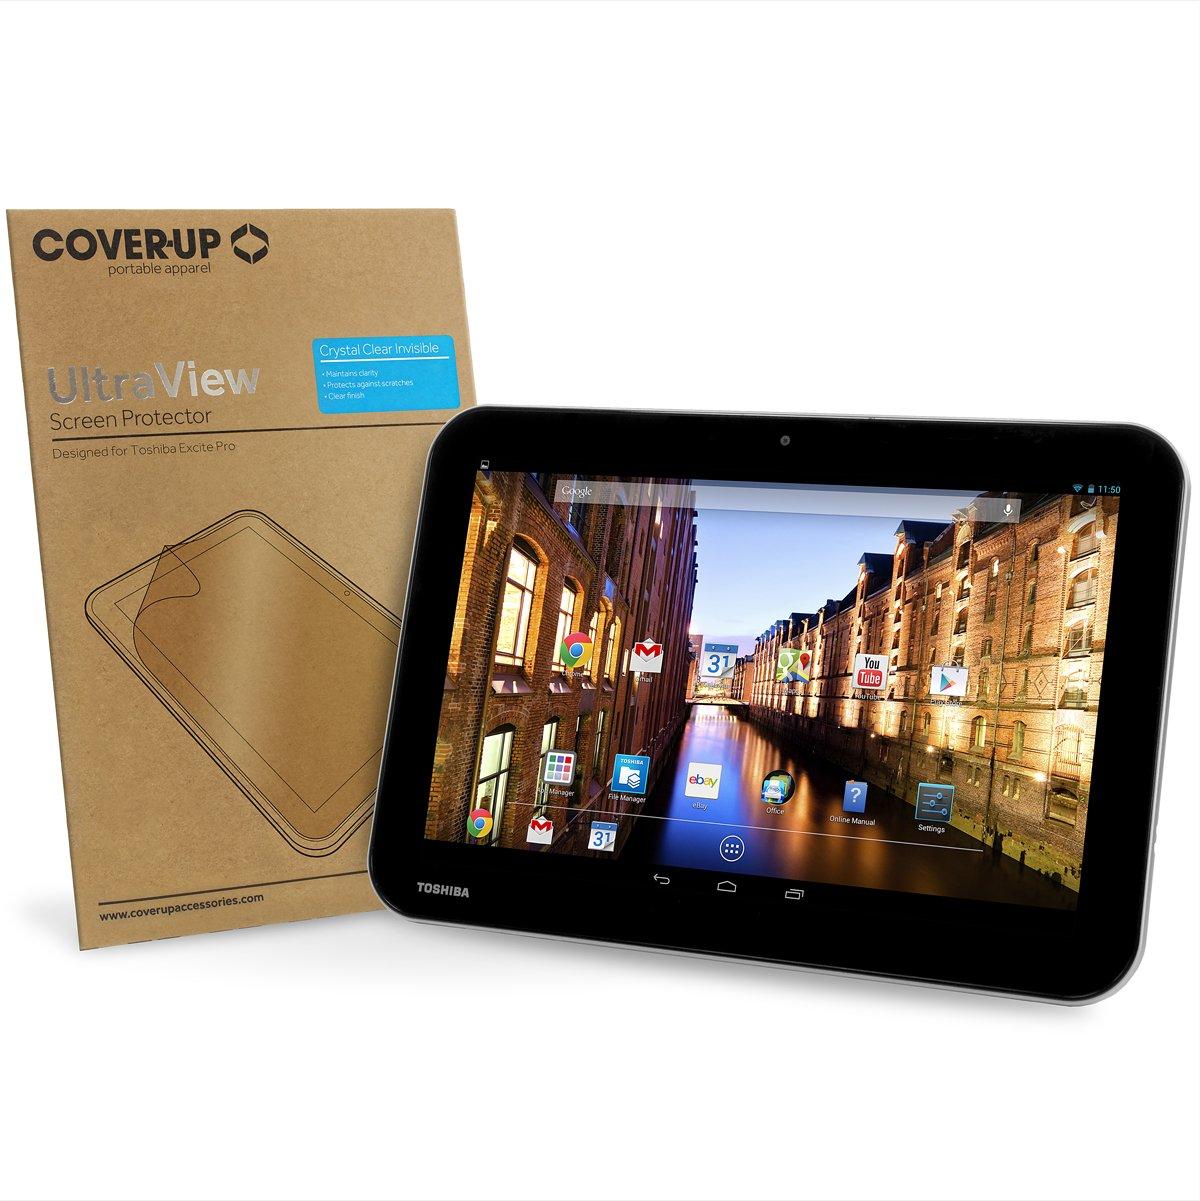 Cover-Up Ultra View - Protector de pantalla para tablet Toshiba Excite Pro de 10,1 (2 unidades)  Informática revisión y más información